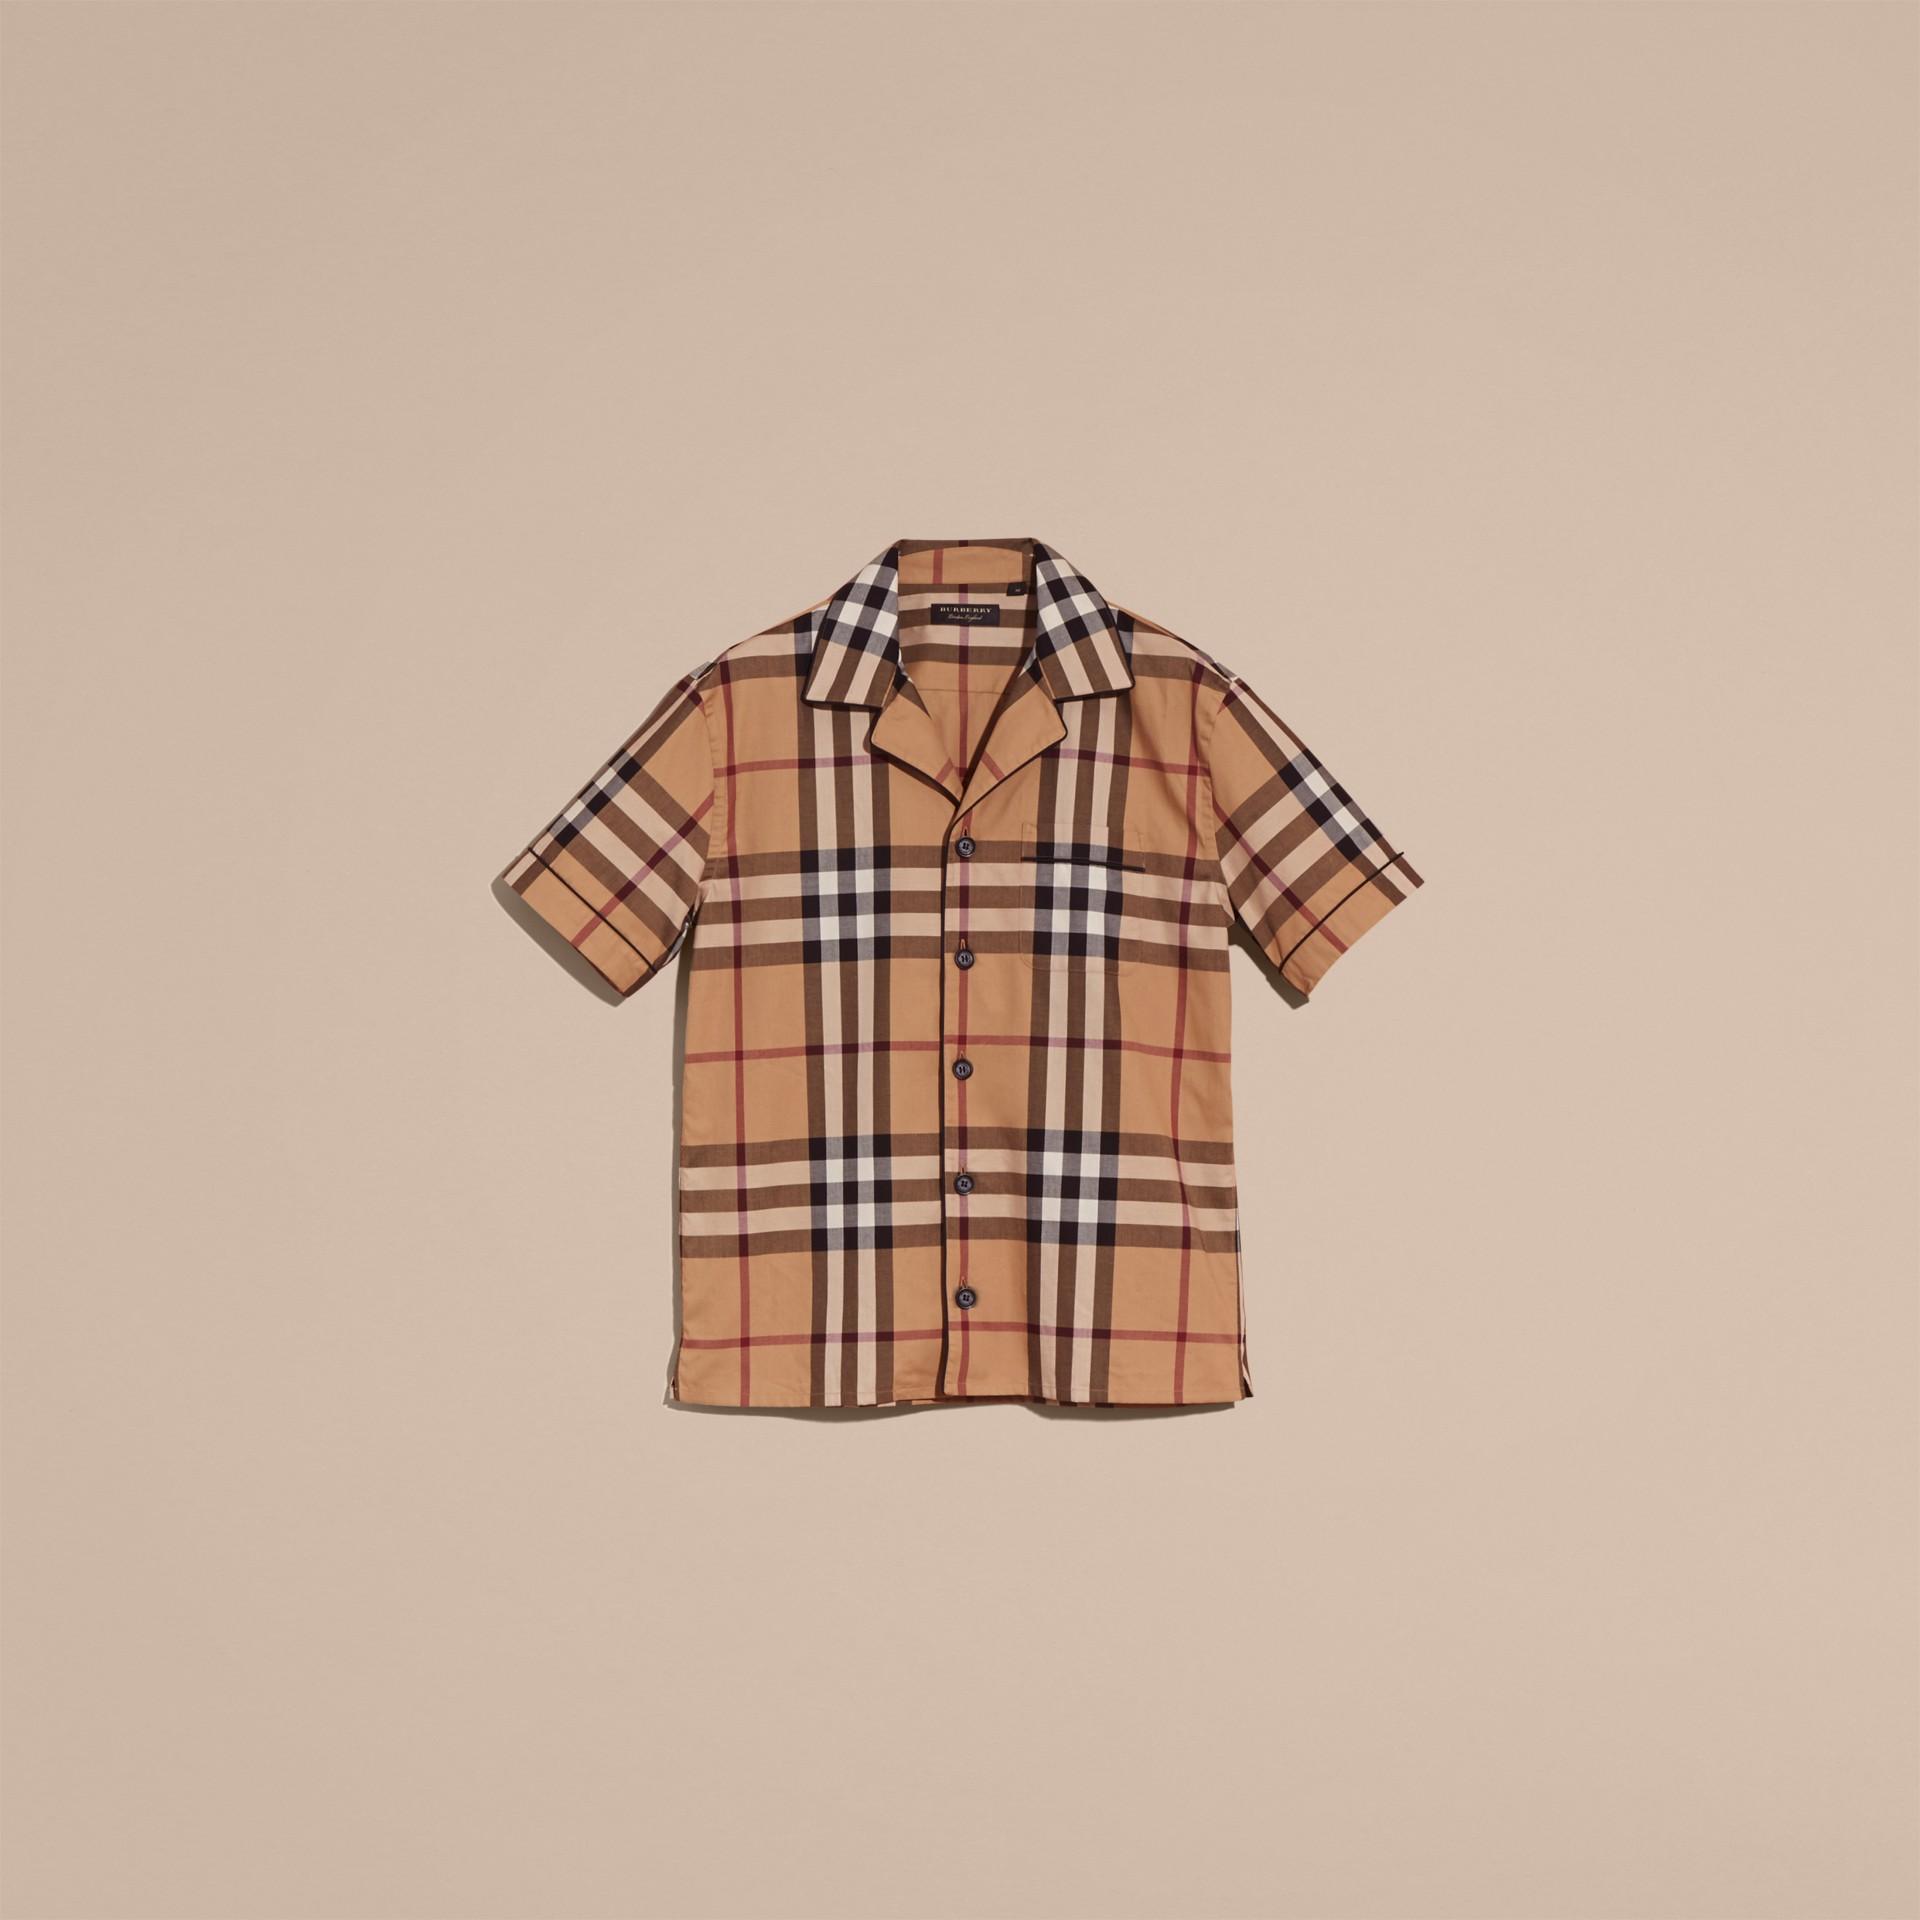 Camel Chemise de style pyjama à manches courtes en coton à motif check Camel - photo de la galerie 4